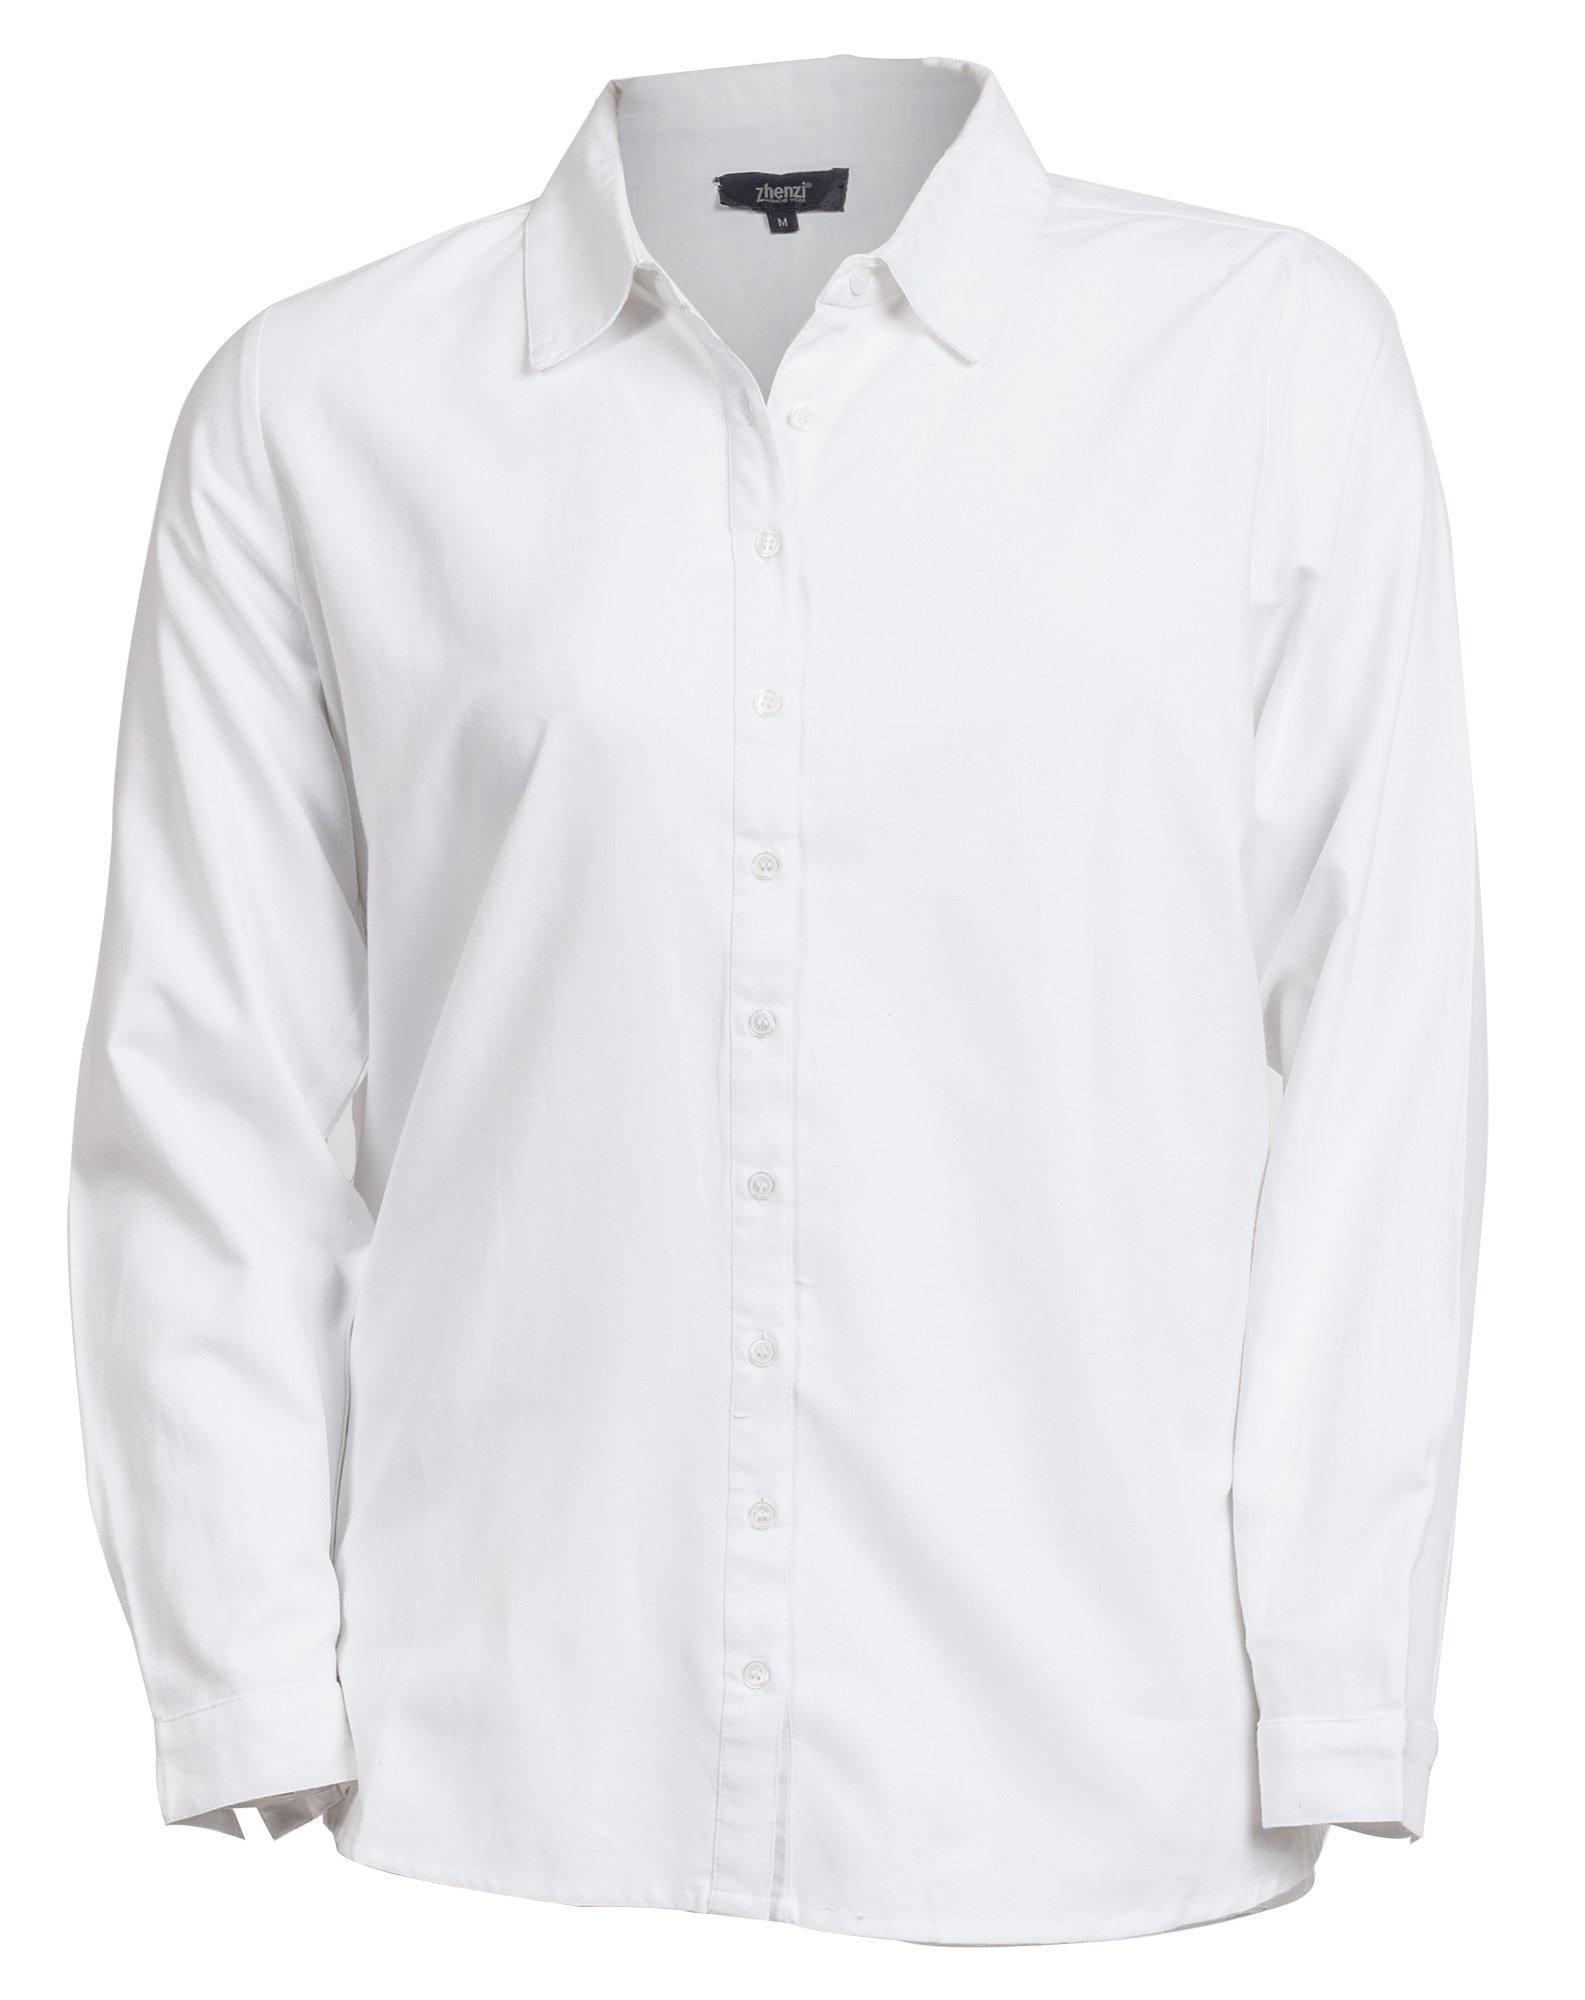 Hvid skjorte med lange ærmer